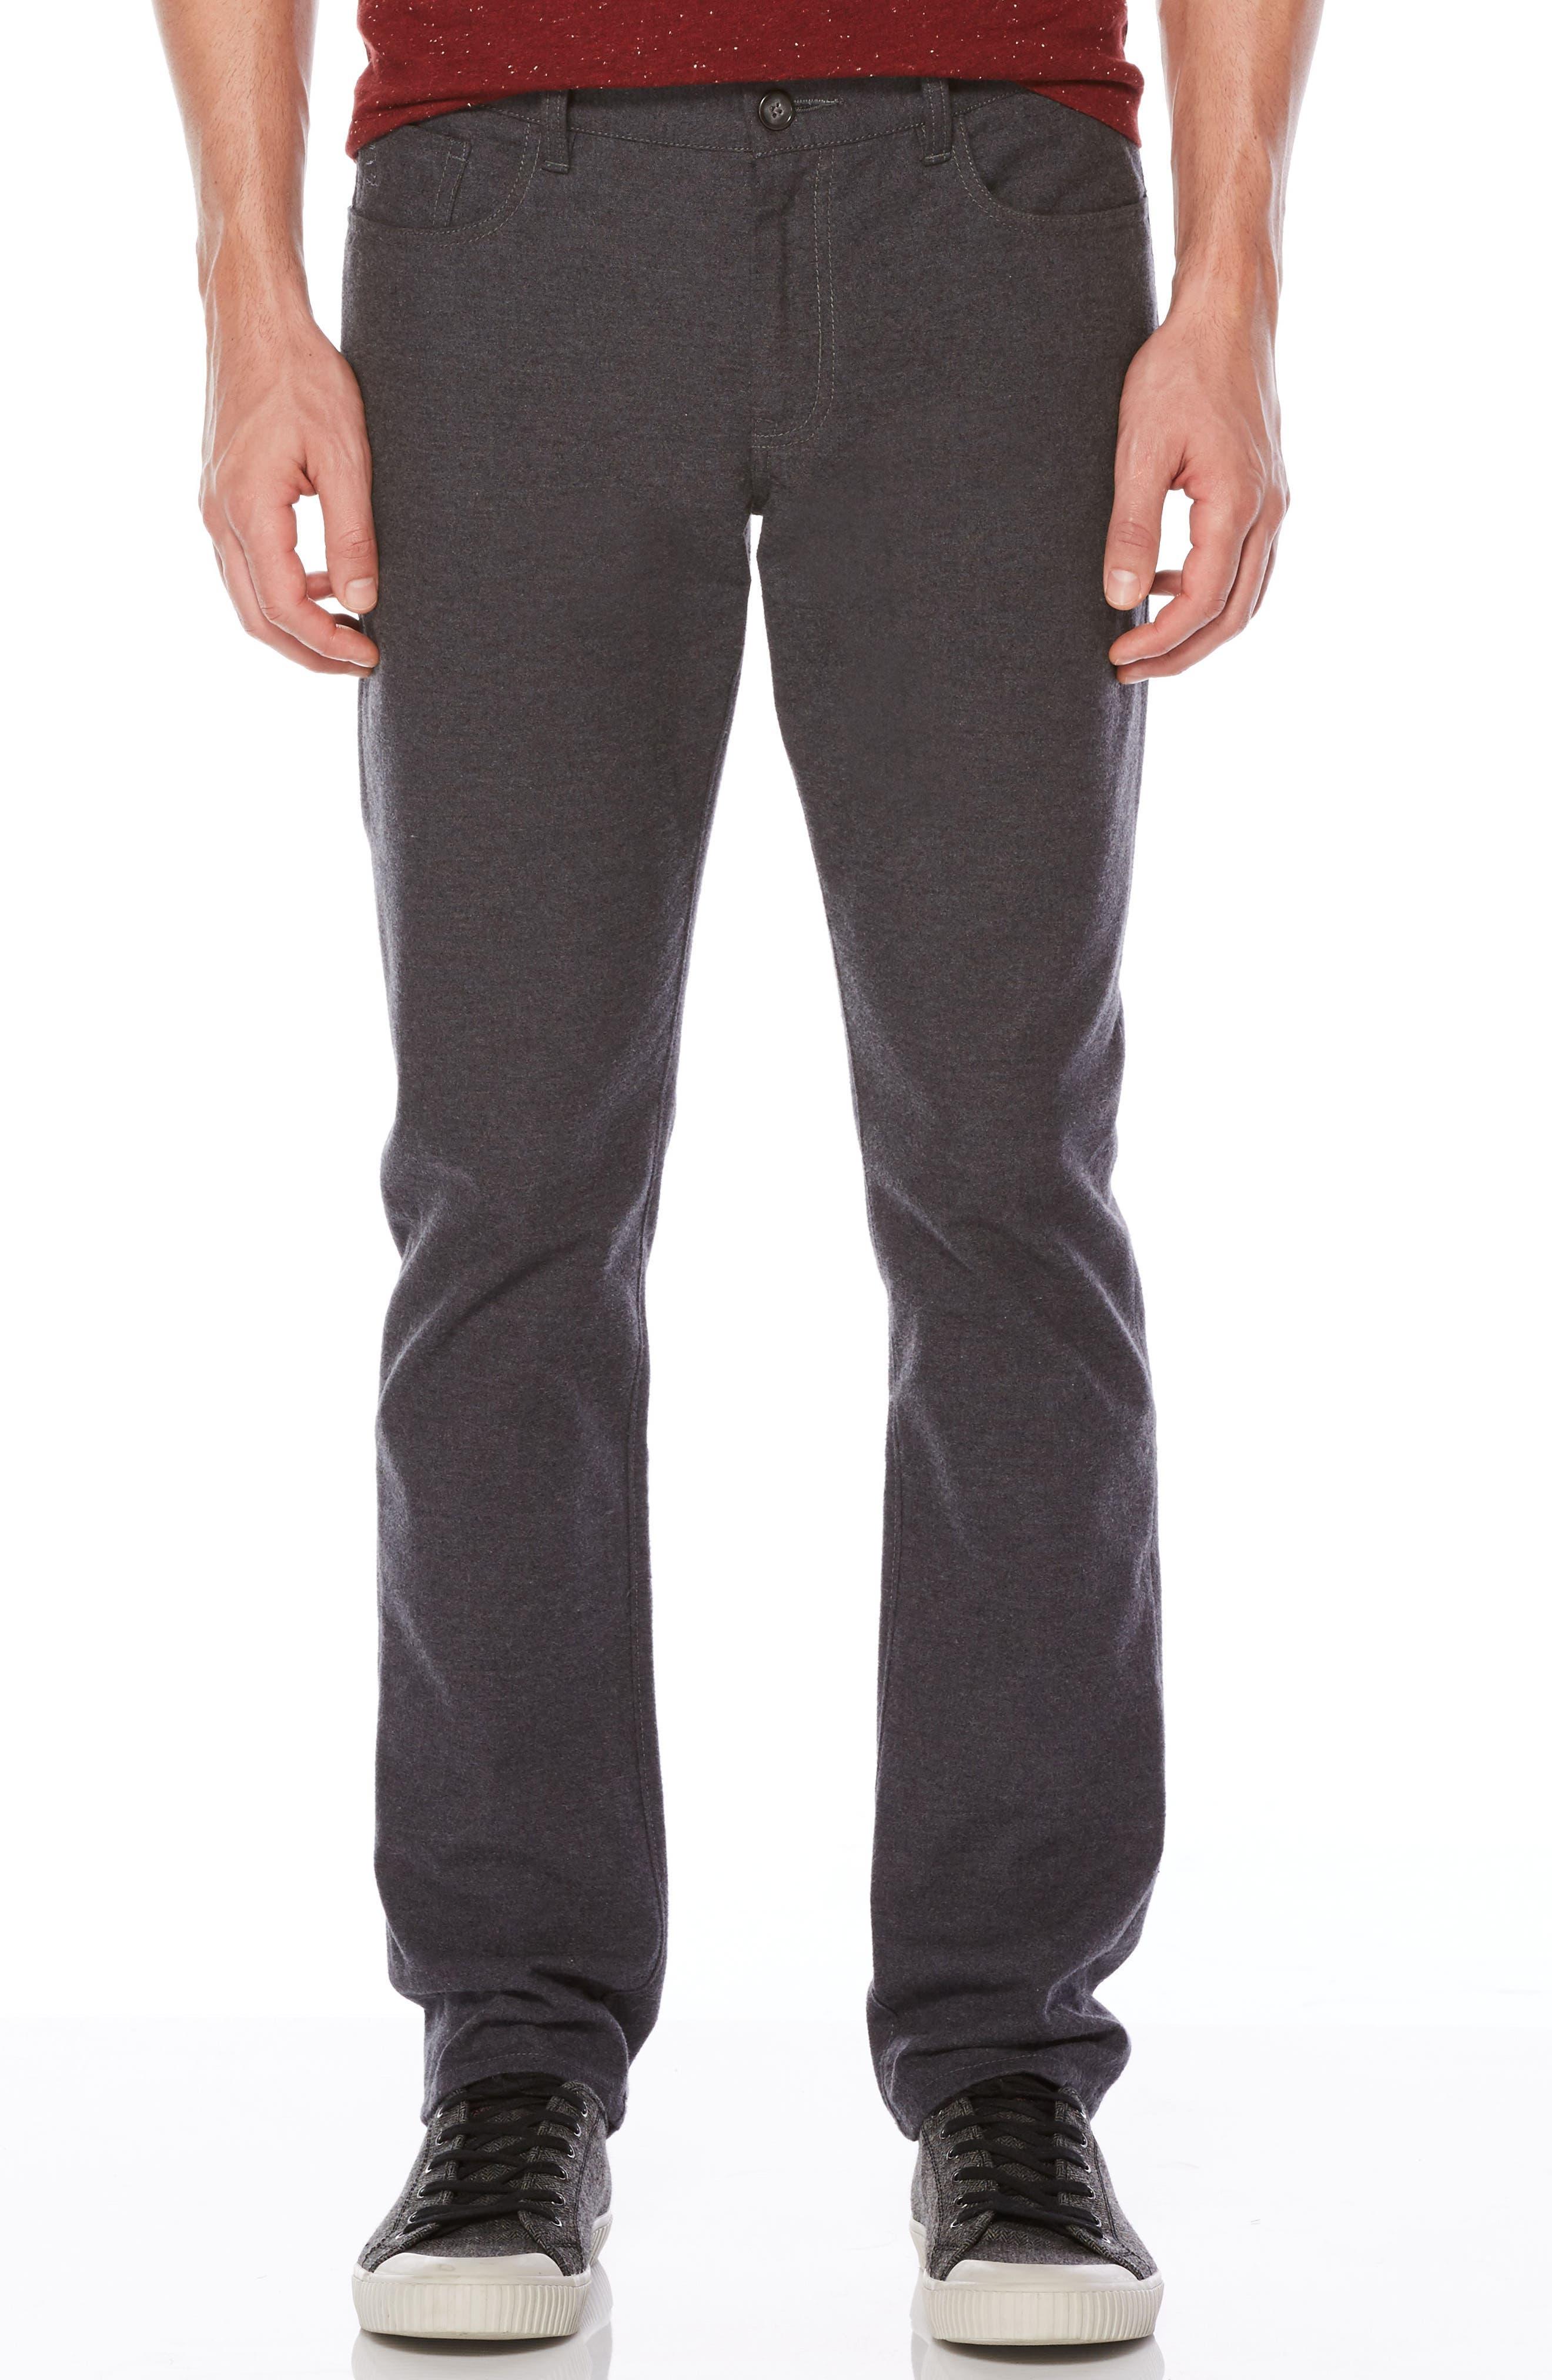 P55 Slim Fit Brushed Cotton Pants,                         Main,                         color, Castlerock